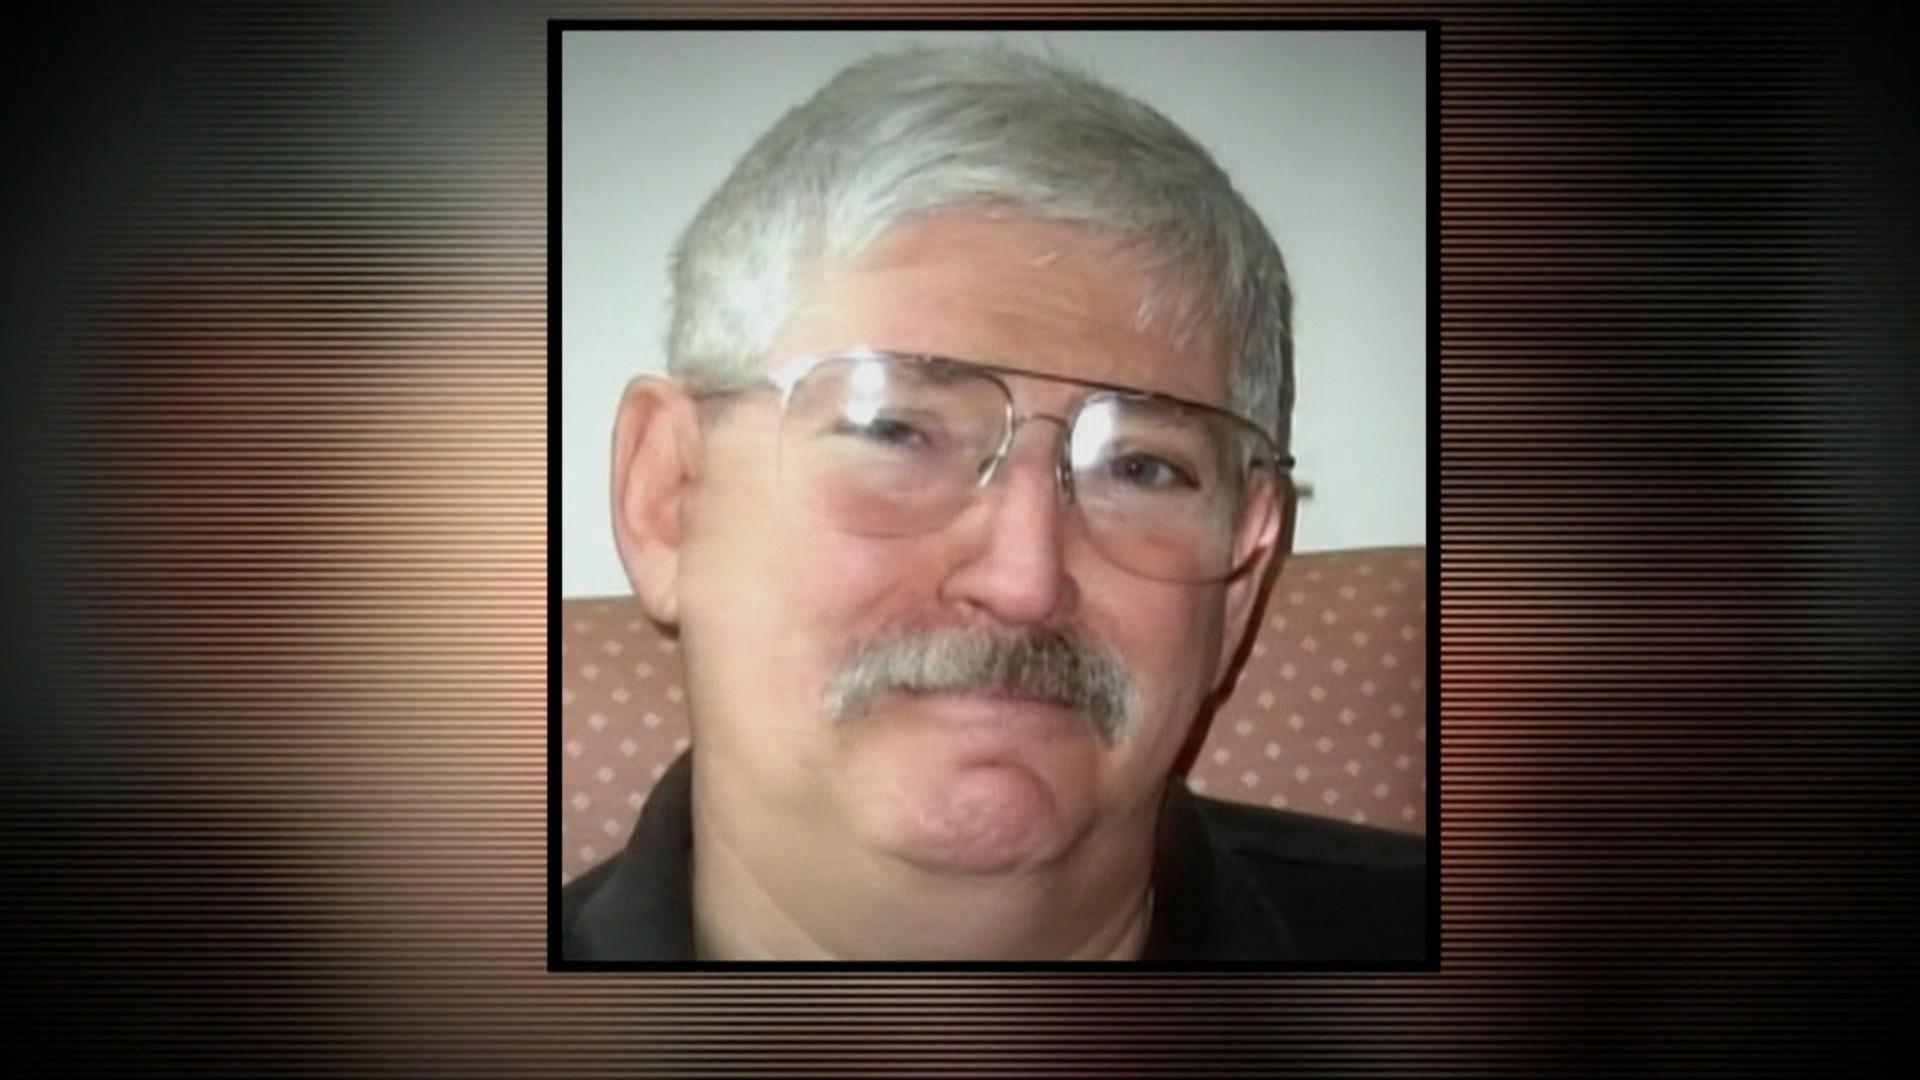 Family of Robert Levinson, held in Iran 13 years, calls prisoner exchange 'bittersweet'